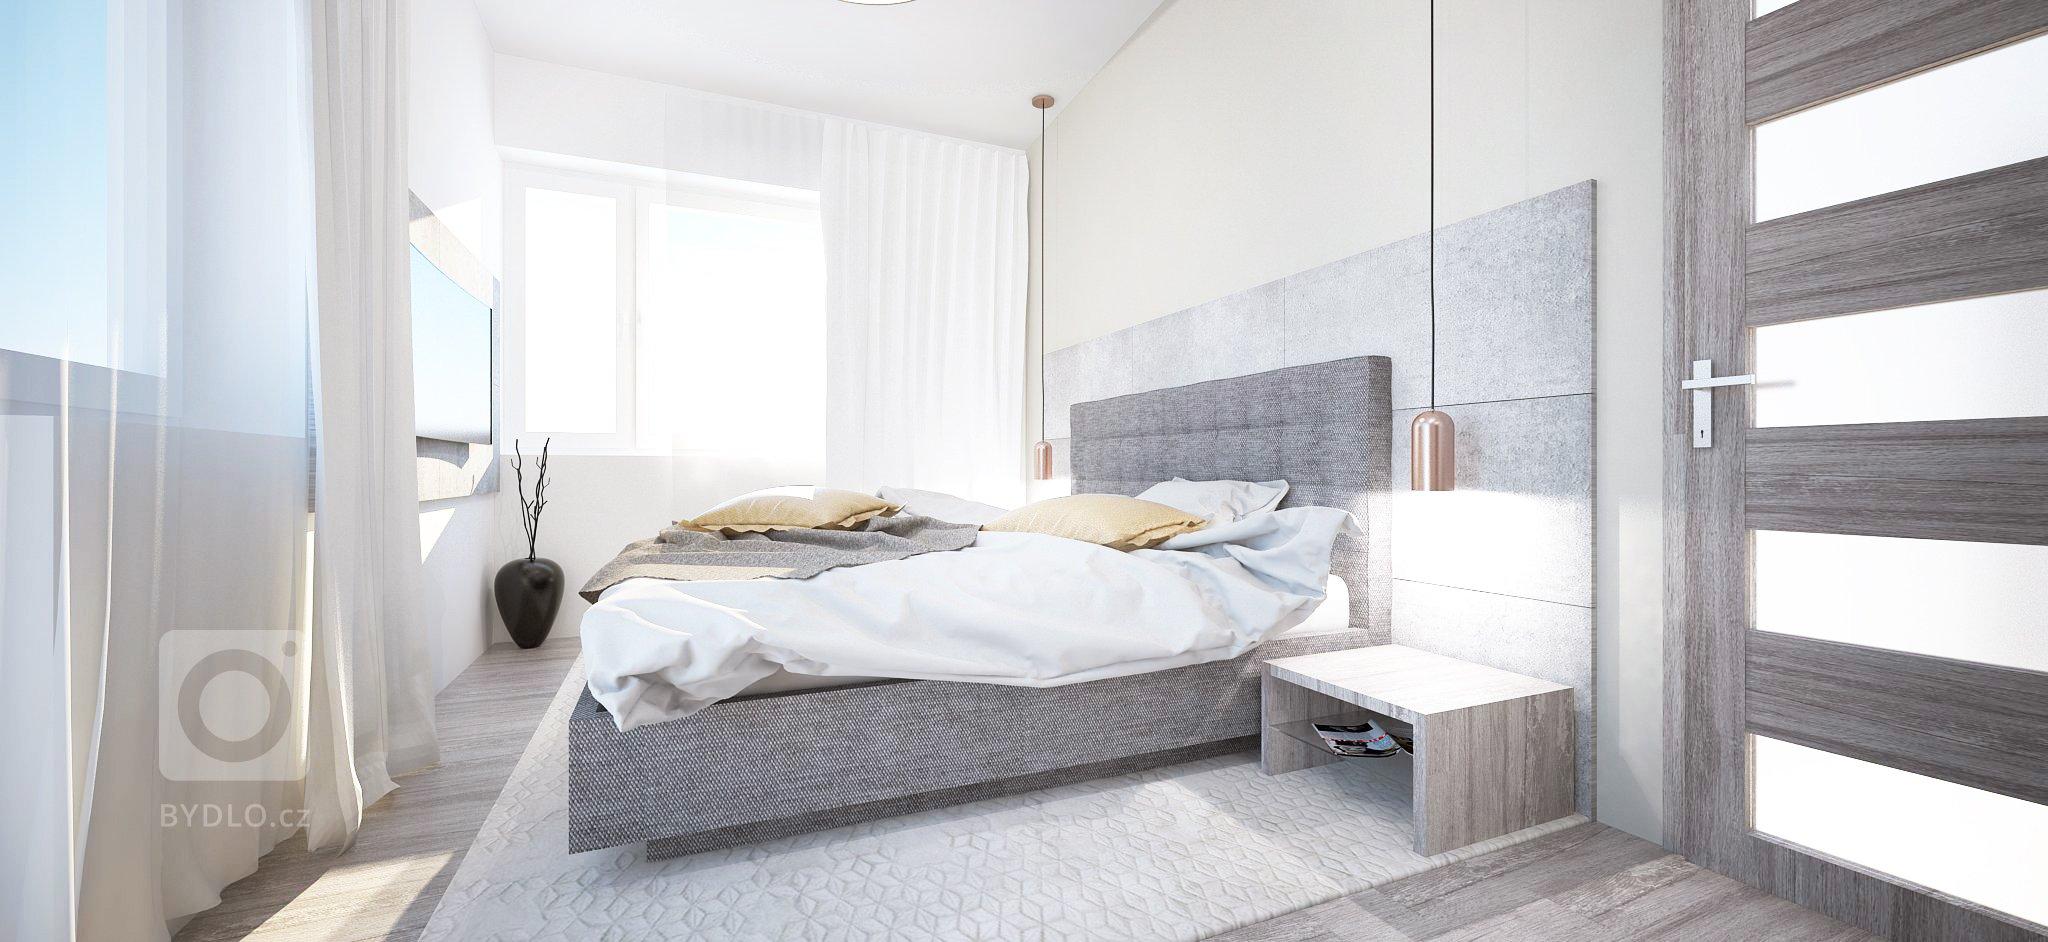 Projekt mezonetového bytu v Brezne. Ide o projekt priestorovo veľkorysého mezonetu s výbornou dispozíciou a jasnou diferenciáciou jednotlivých zón. V…